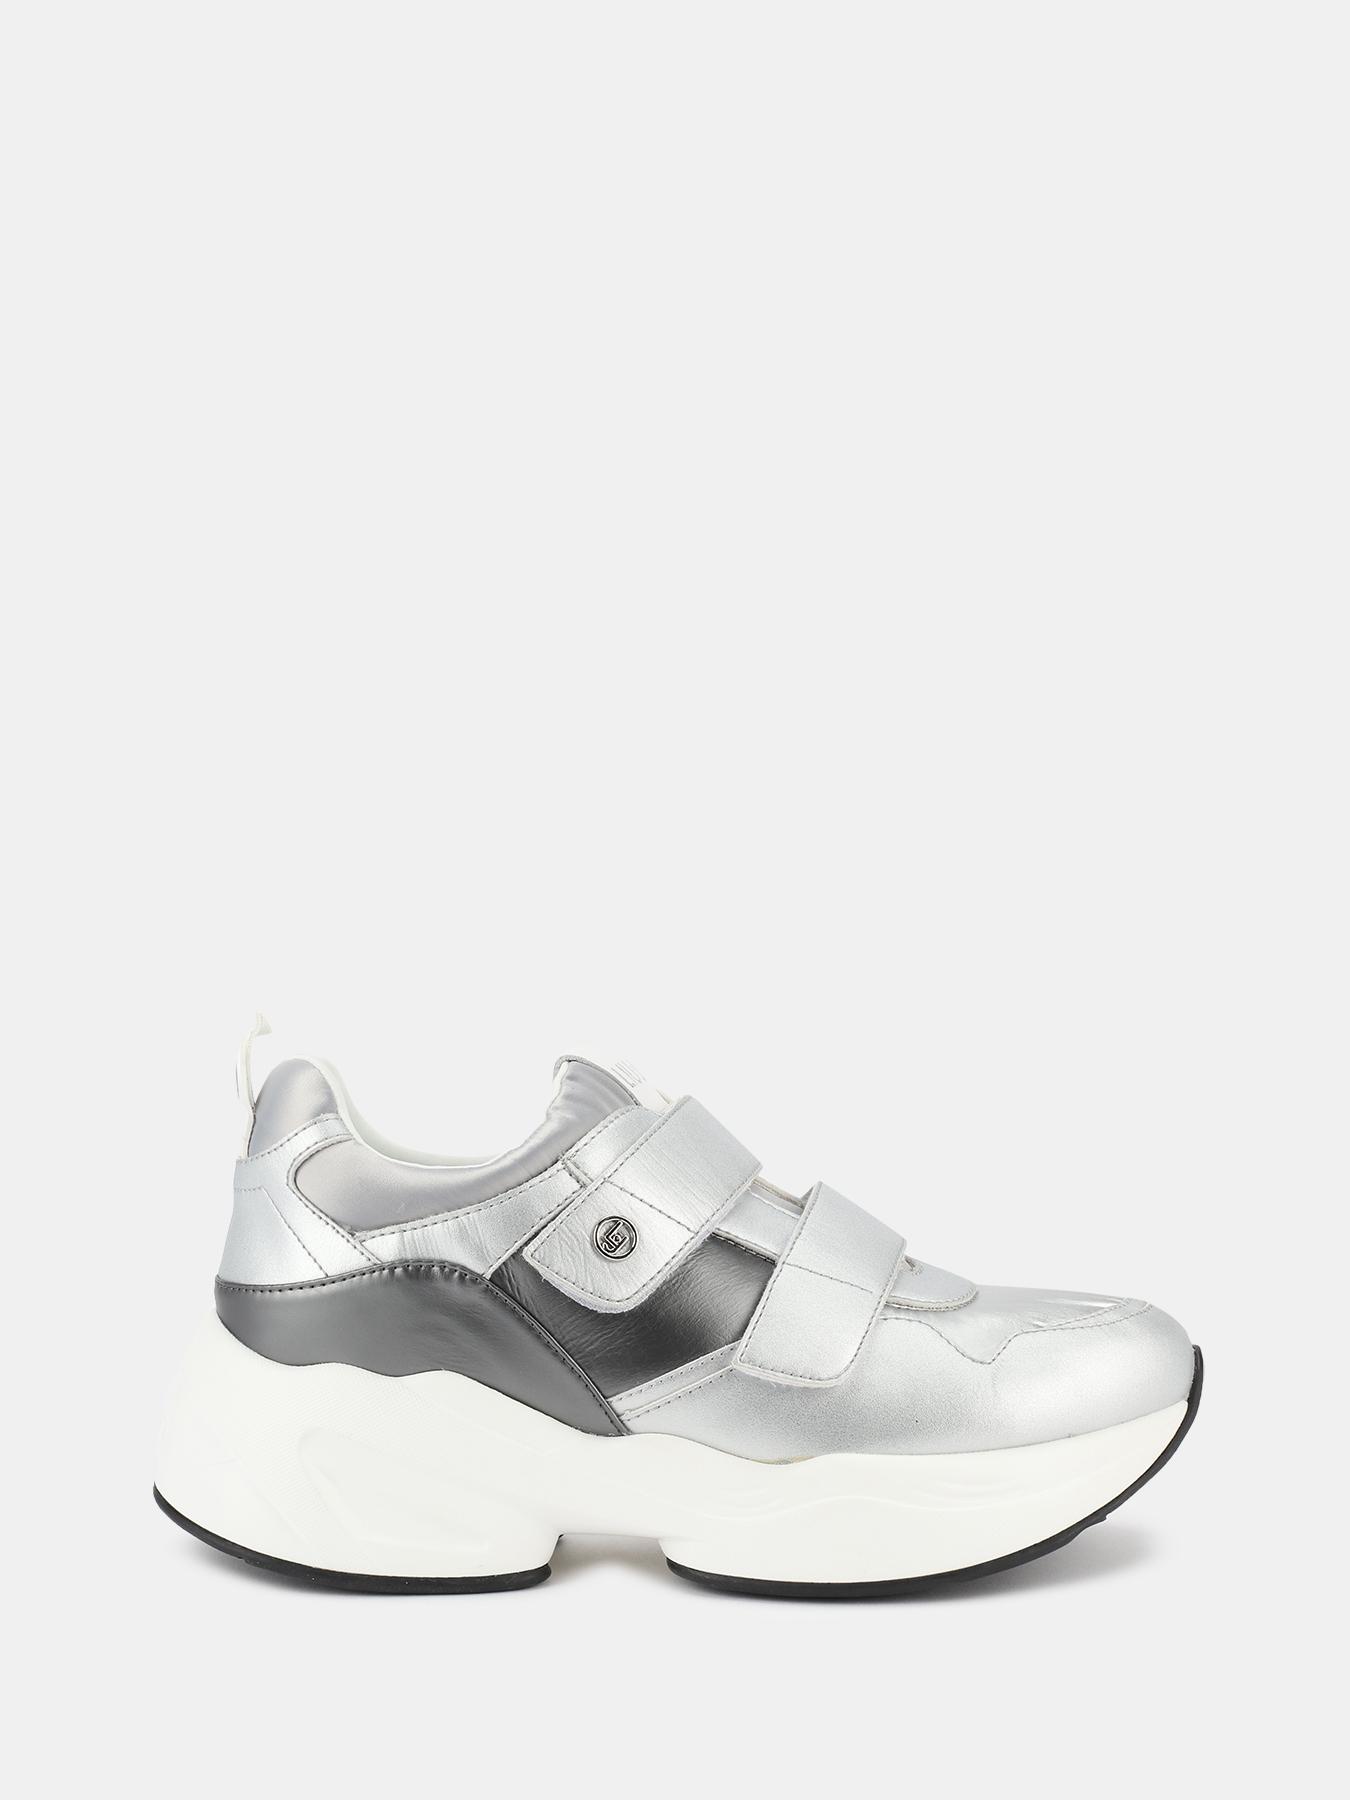 Кроссовки Liu Jo Женские кроссовки